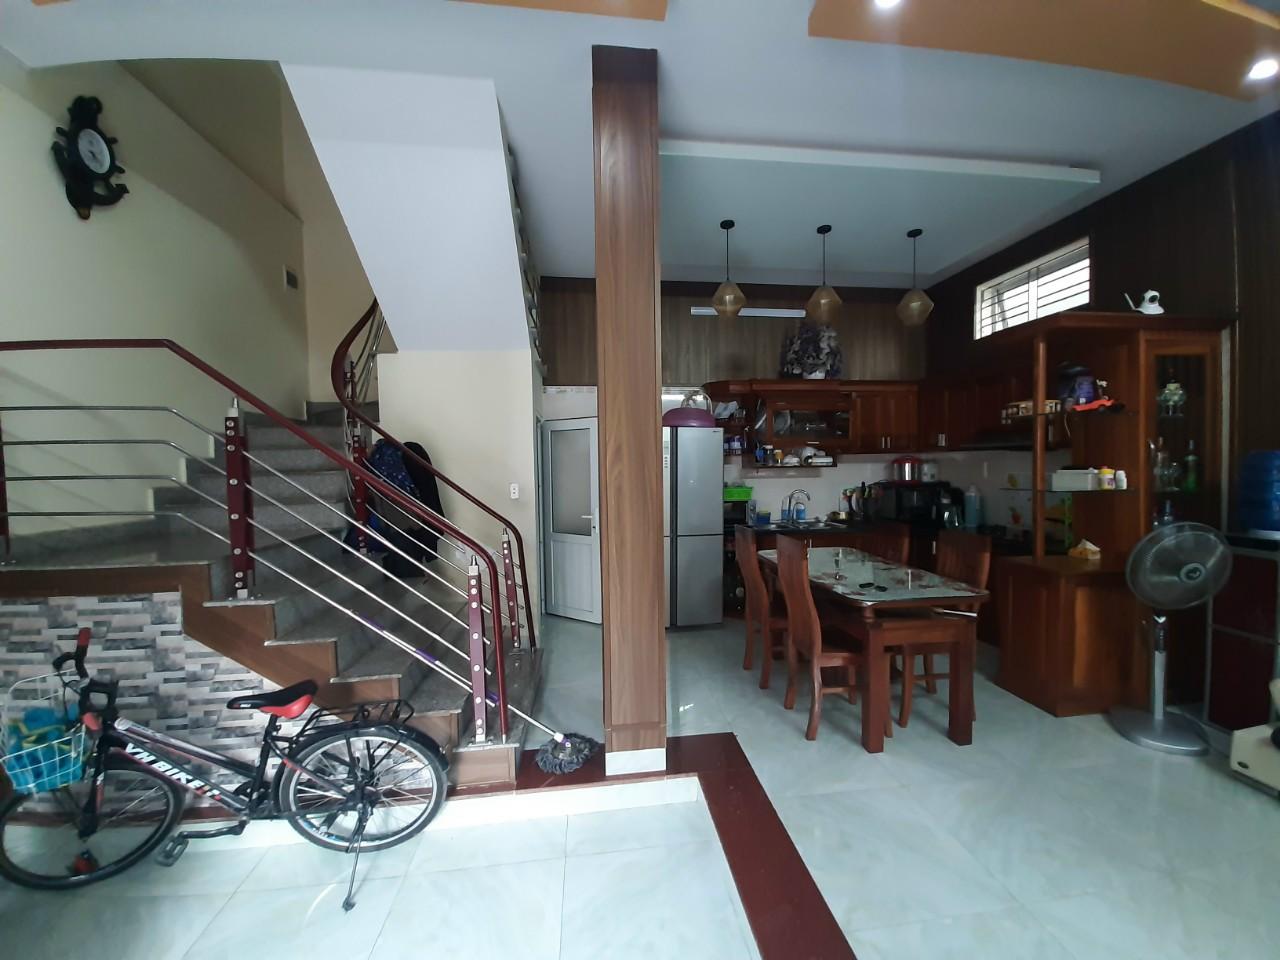 Bán gấp căn nhà 3 tầng mặt ngõ đường Phương Lưu, Đông Hải 1, Hải An, Hải Phòng